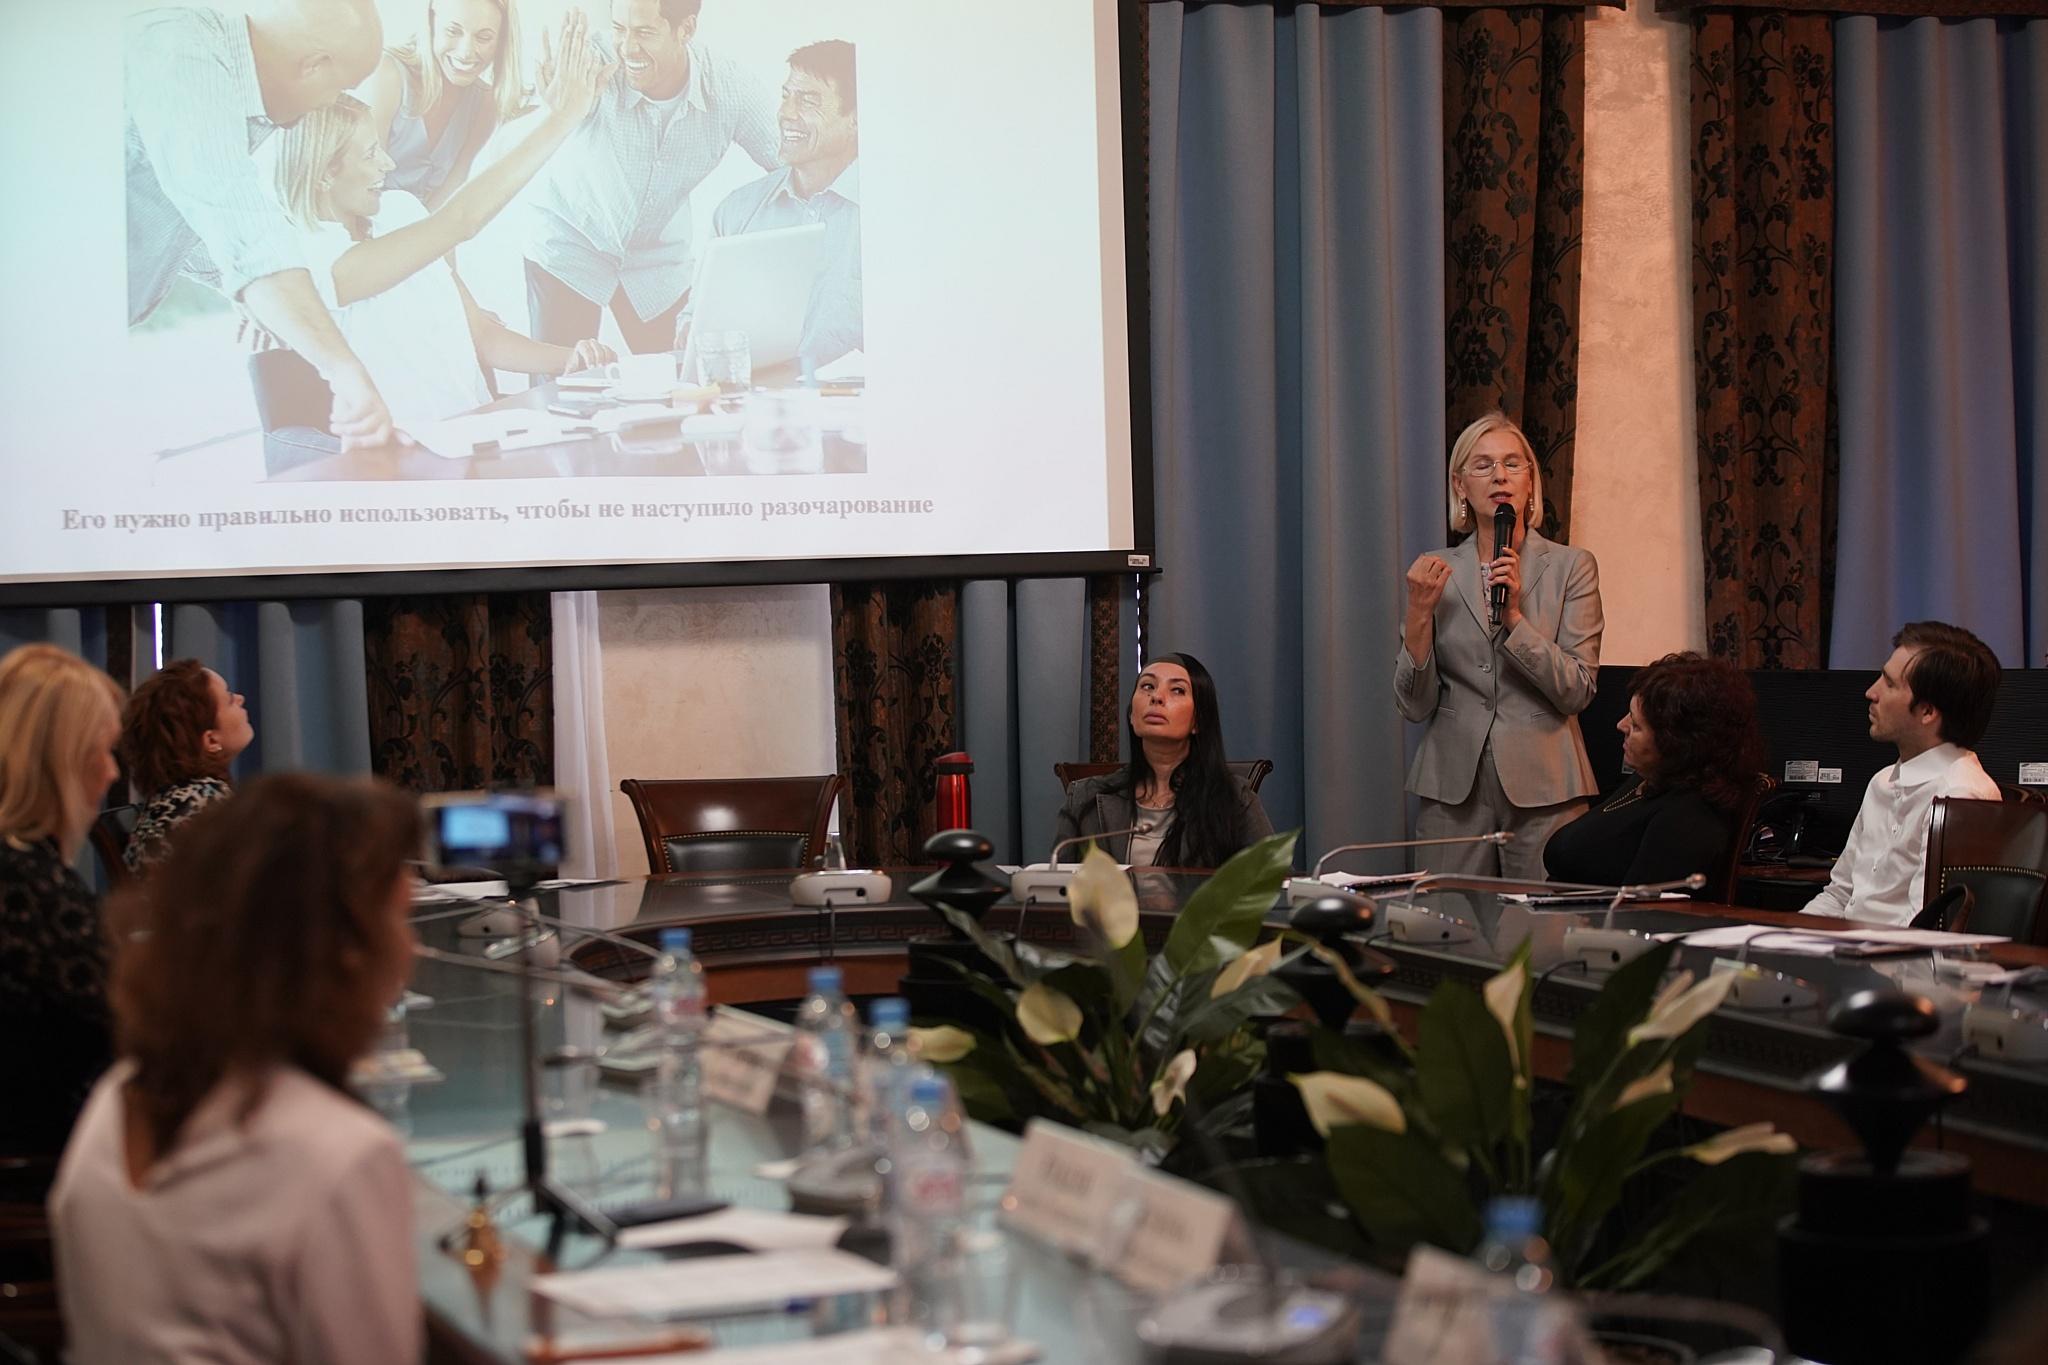 Жукова Елена Борисовна делится информацией о Золотом клубе предпринимателей